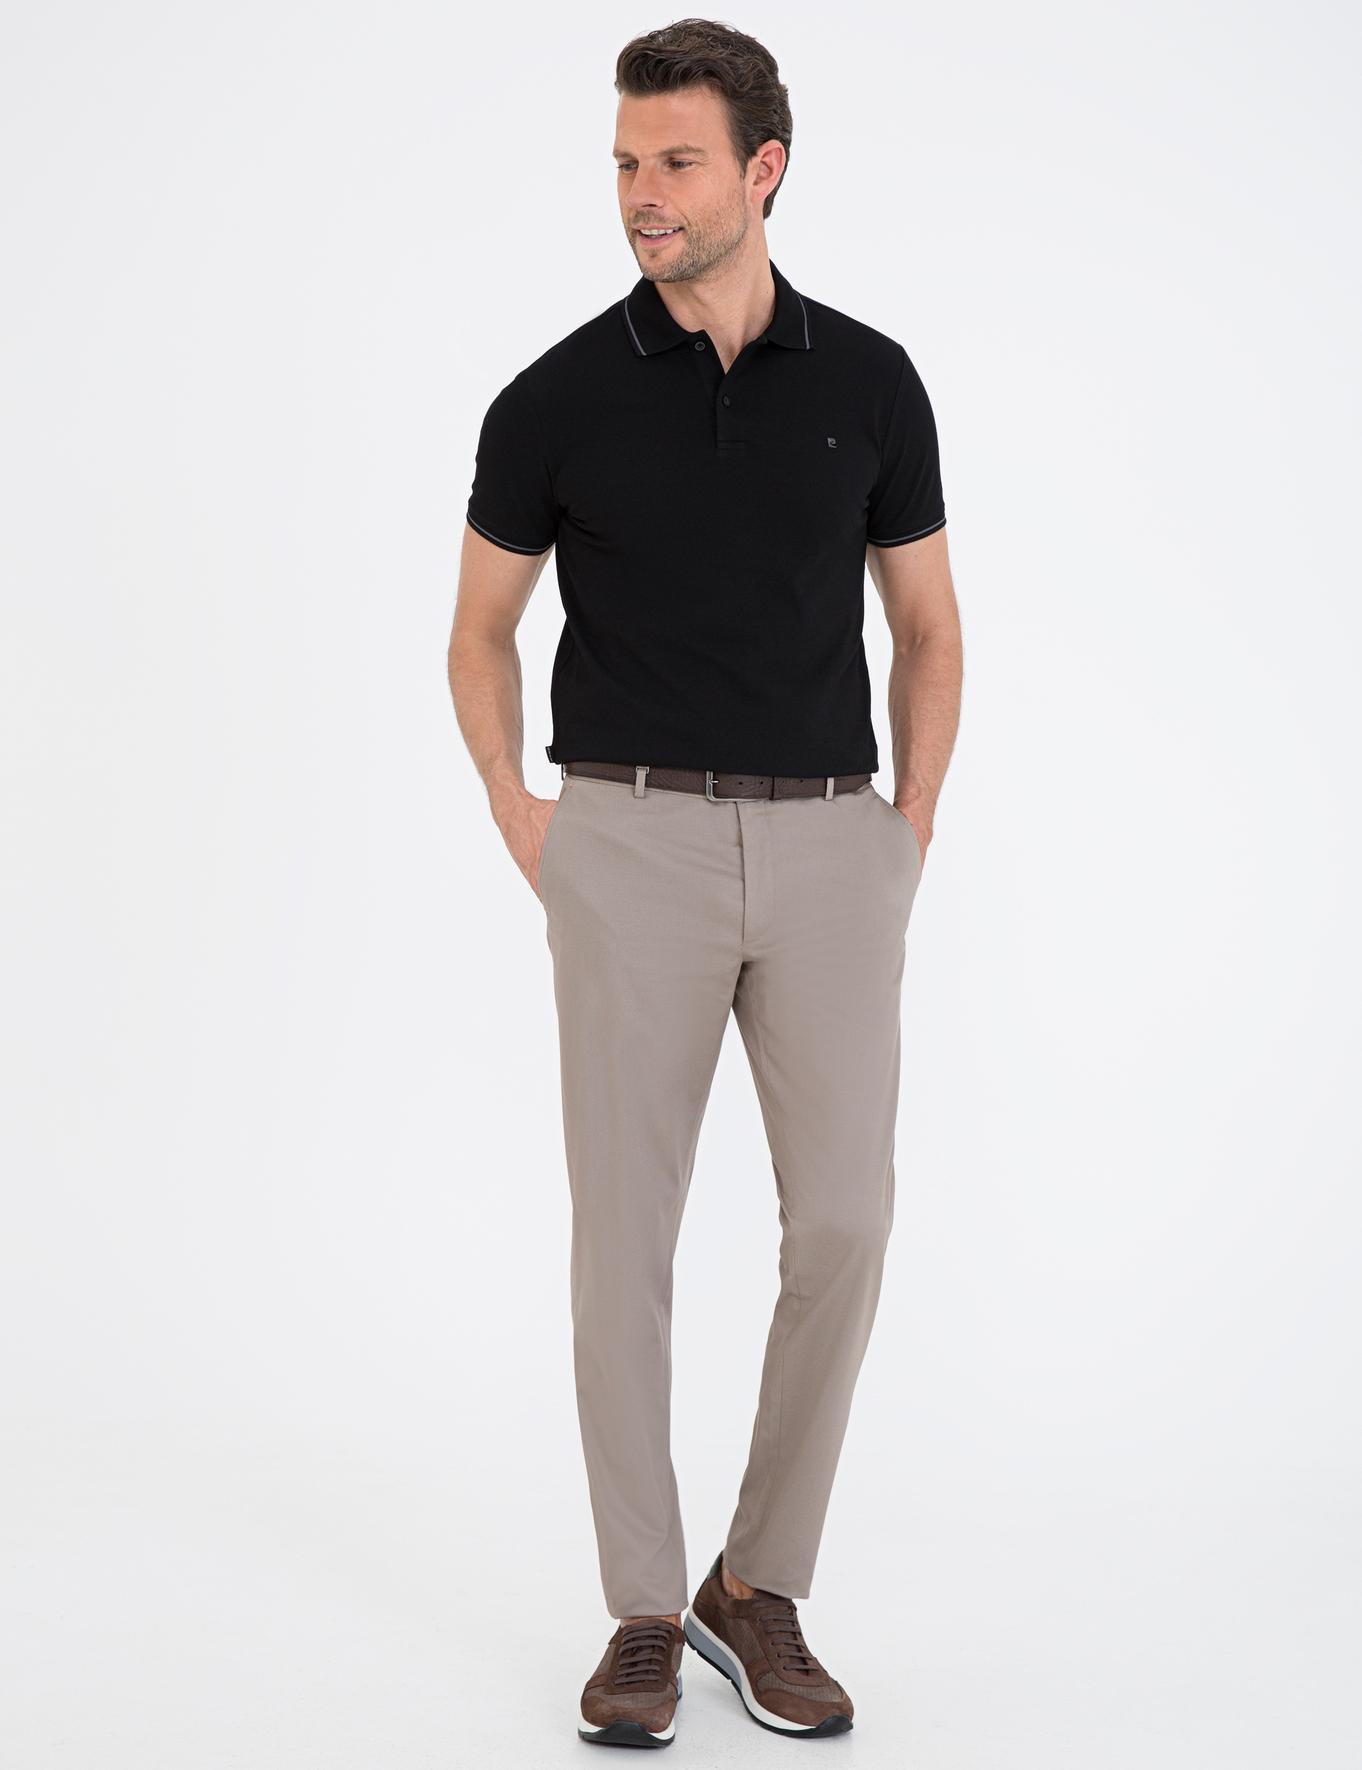 Siyah Slim Fit Basic Polo Yaka T-Shirt